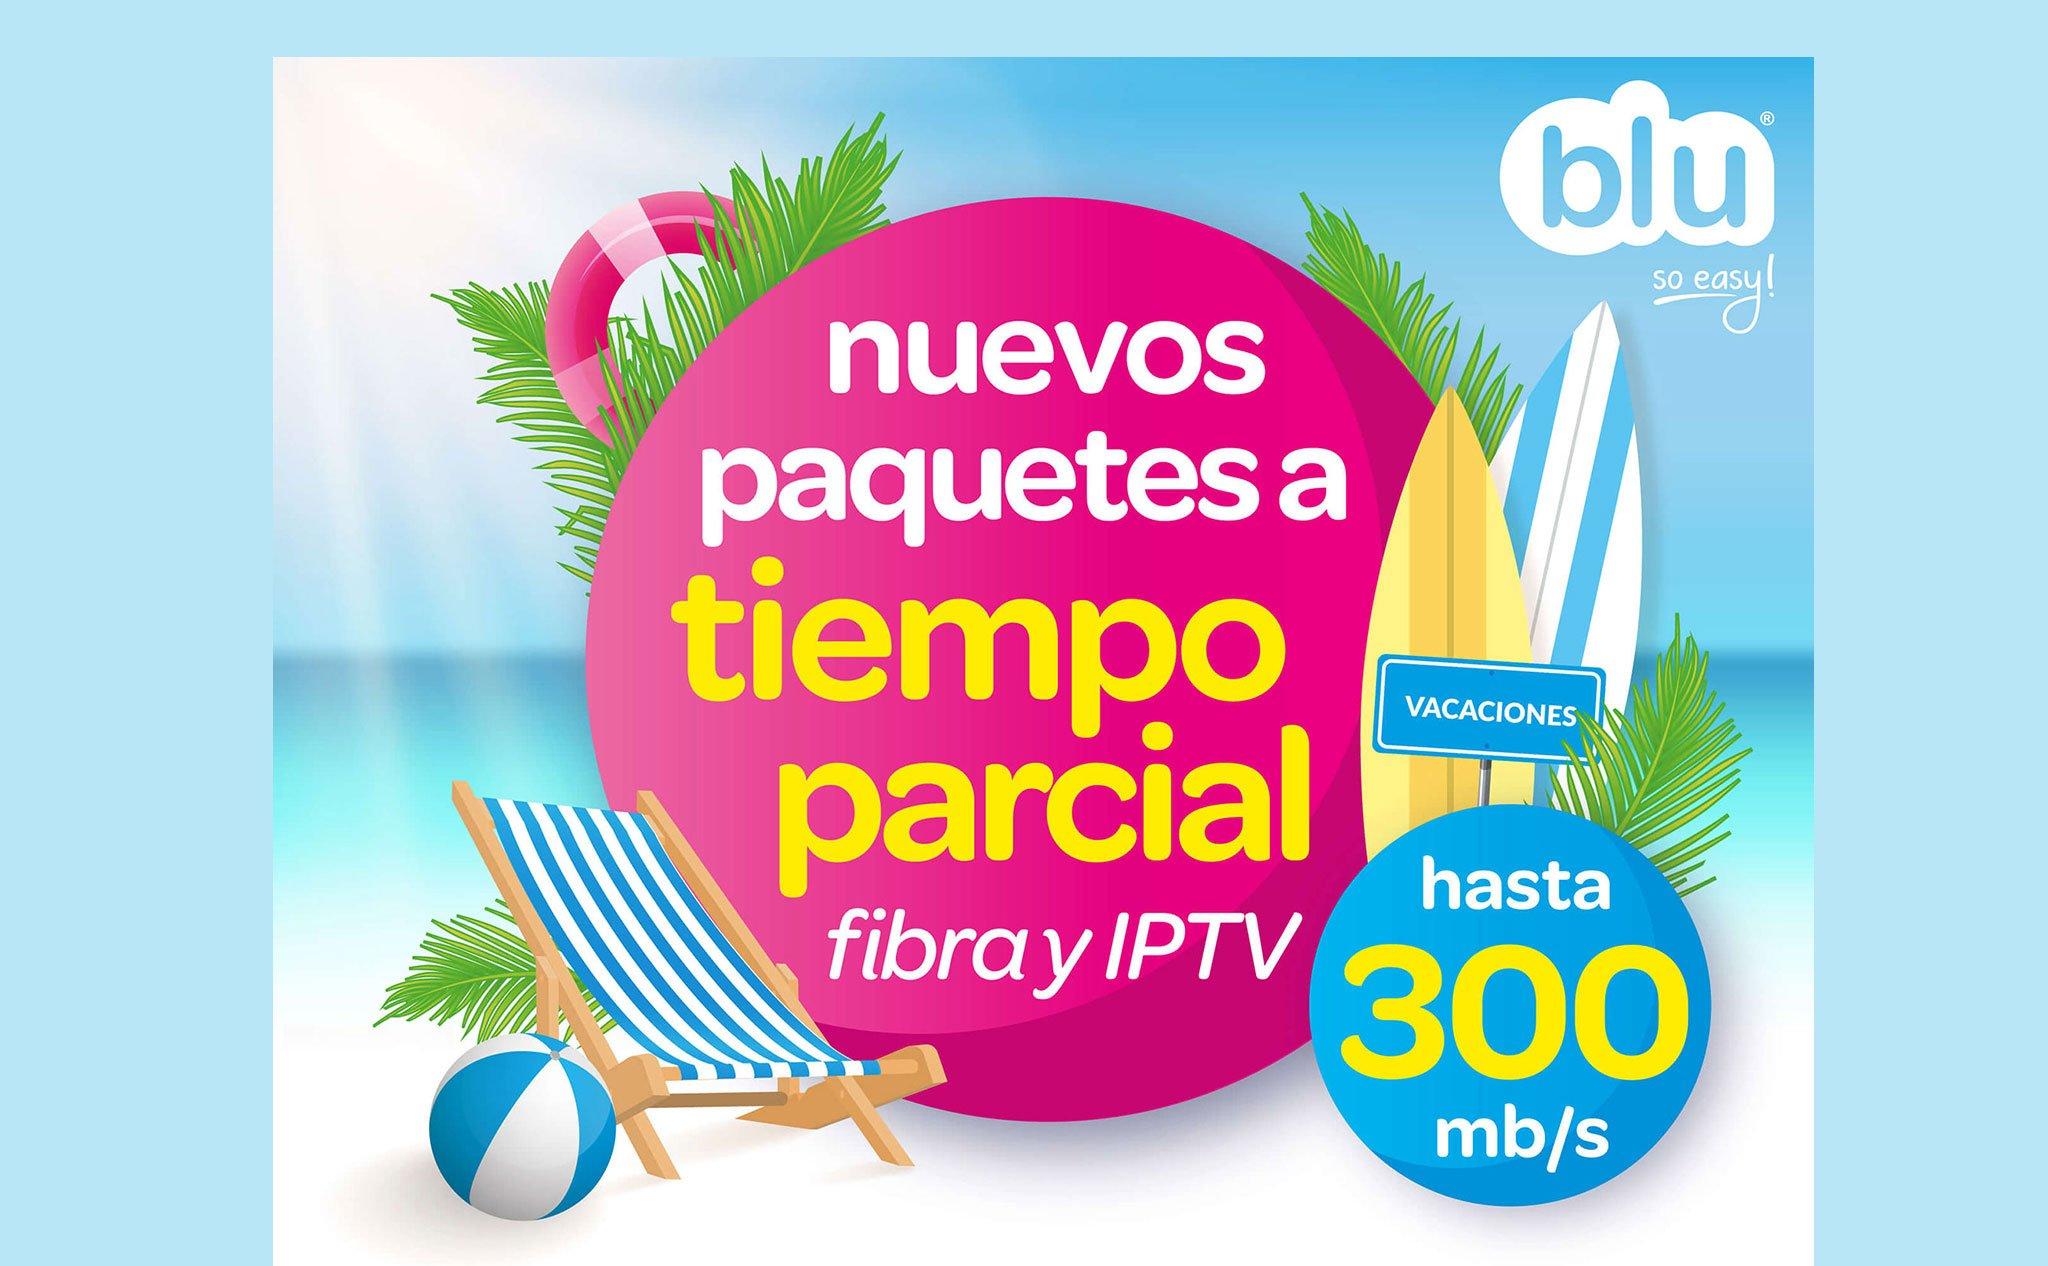 Paquetes de fibra óptica a tiempo parcial – Blu